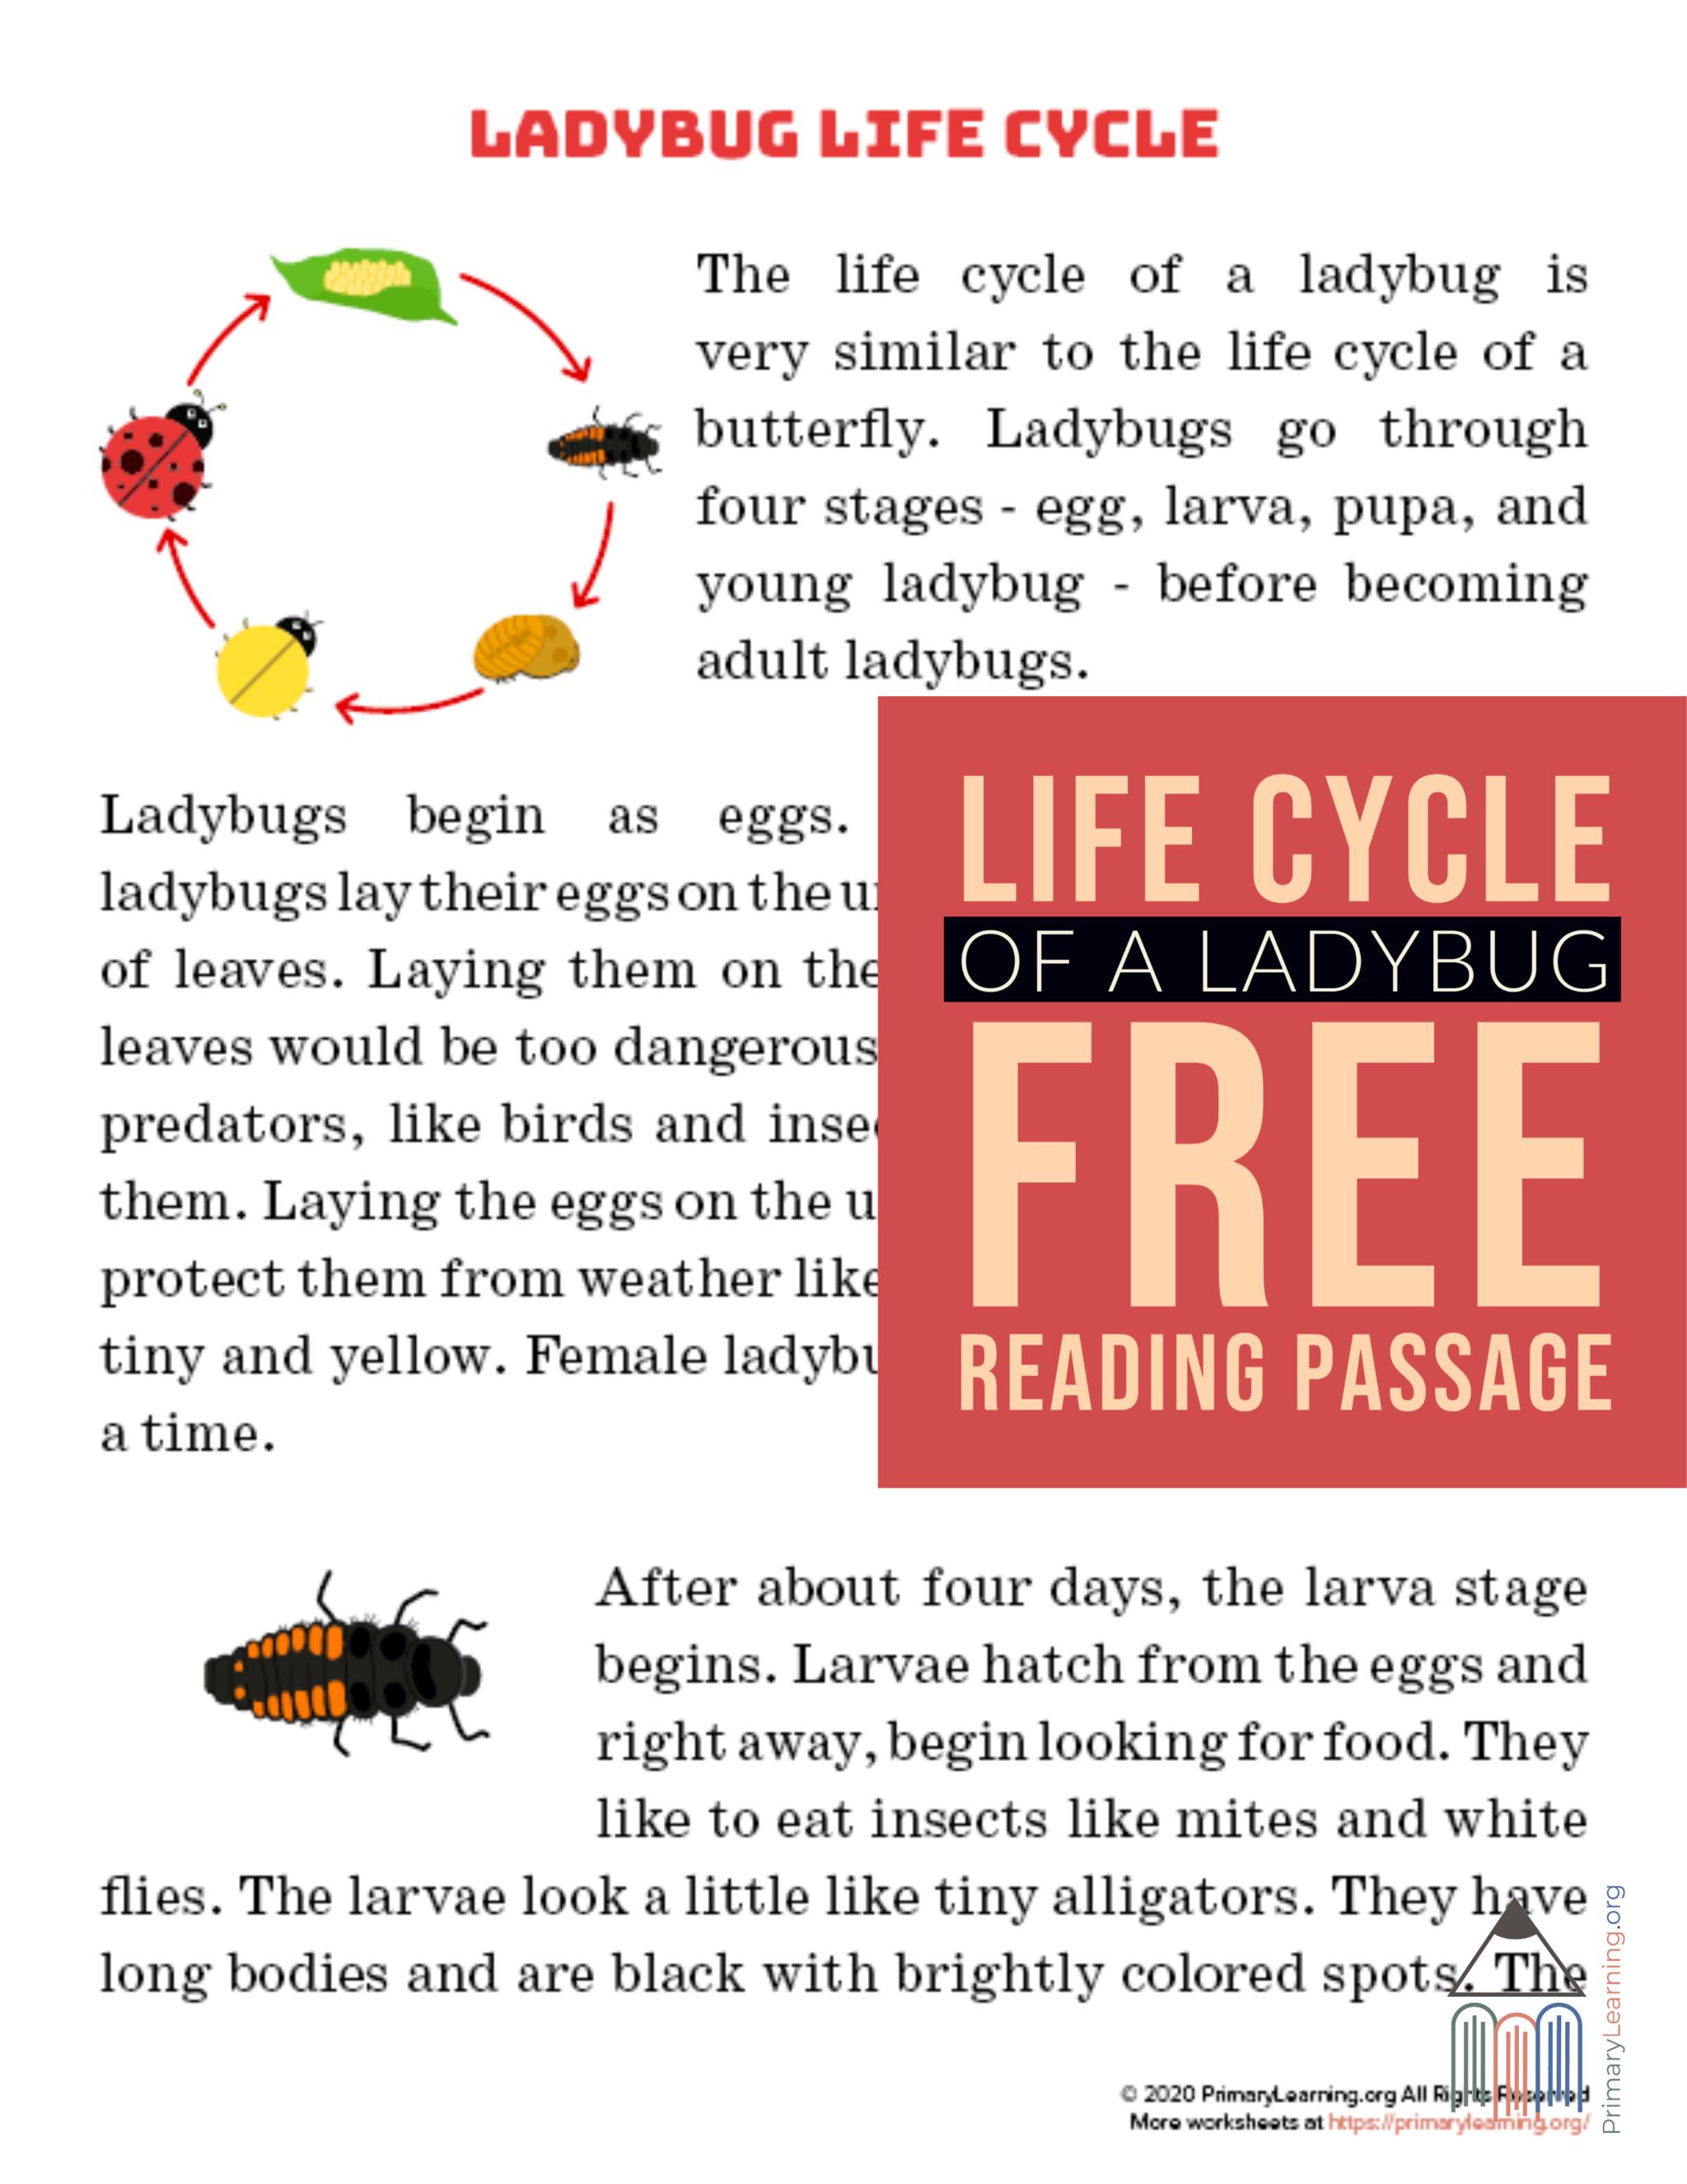 Ladybug Life Cycle Article